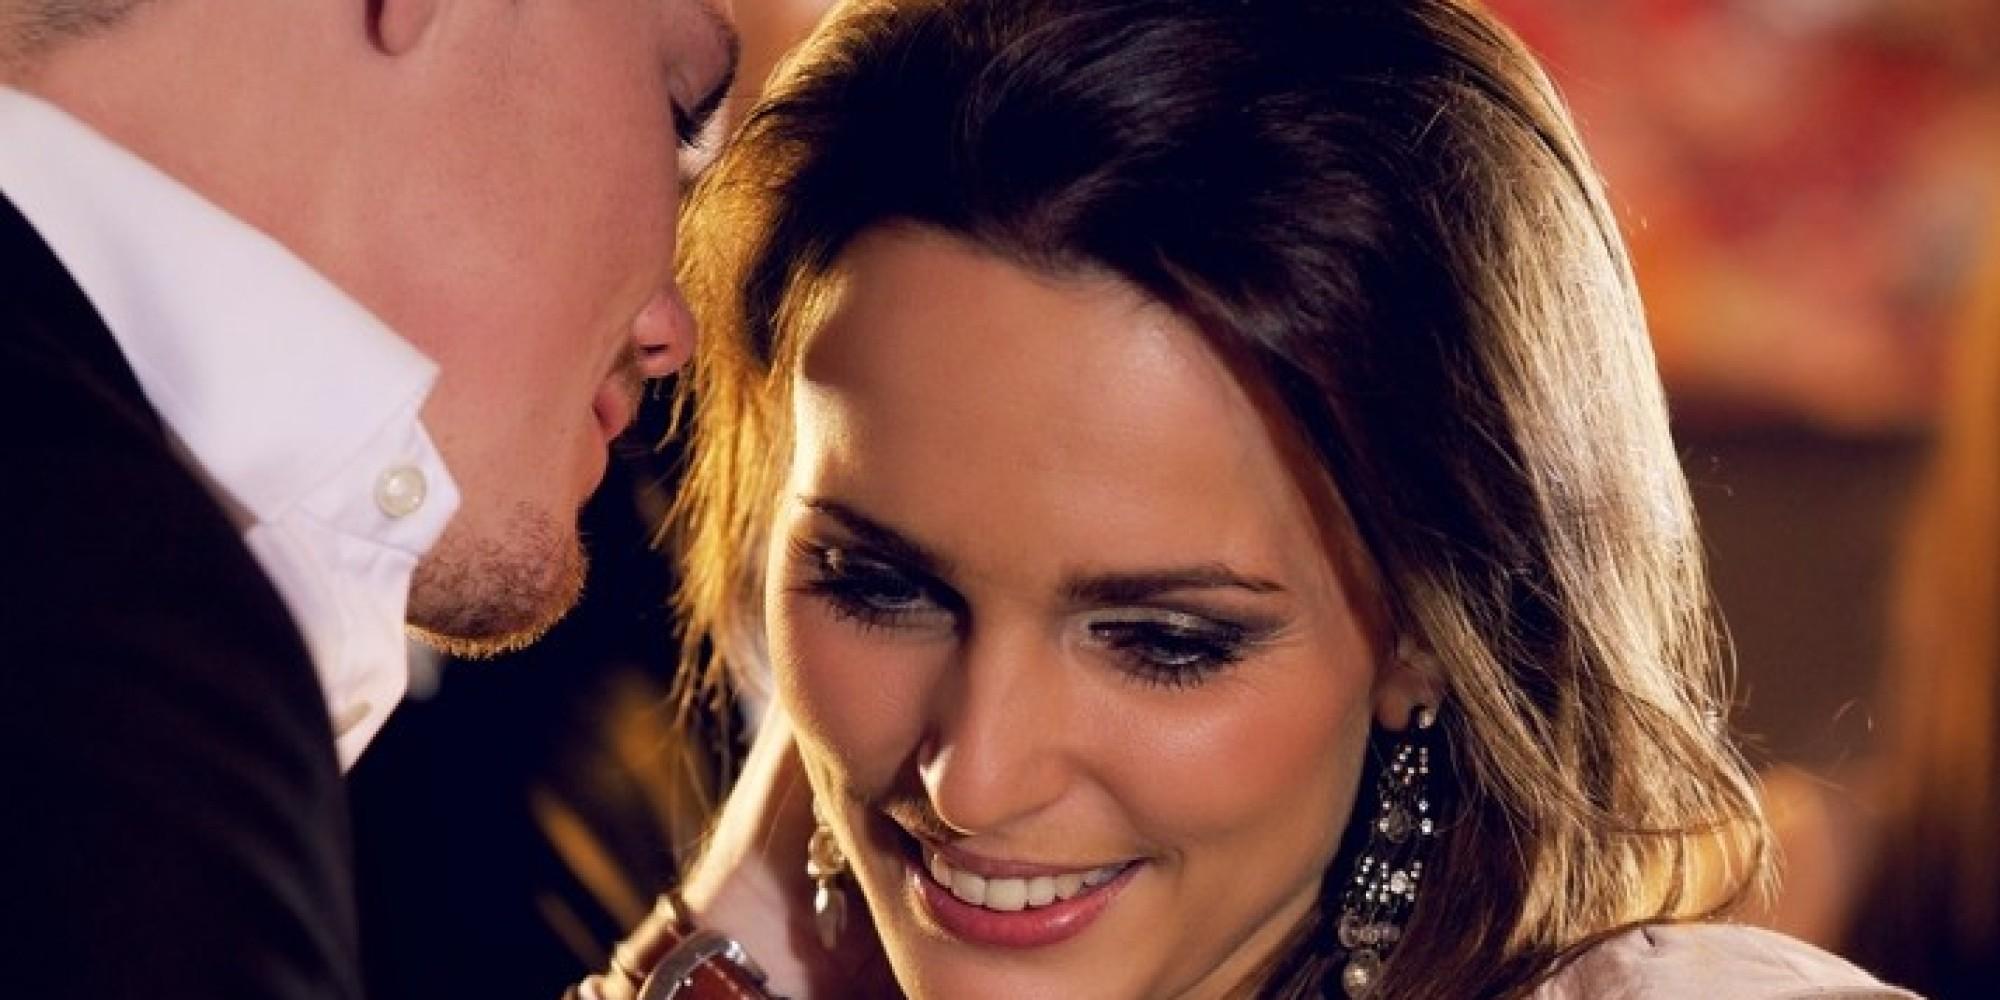 Flirtregeln für frauen